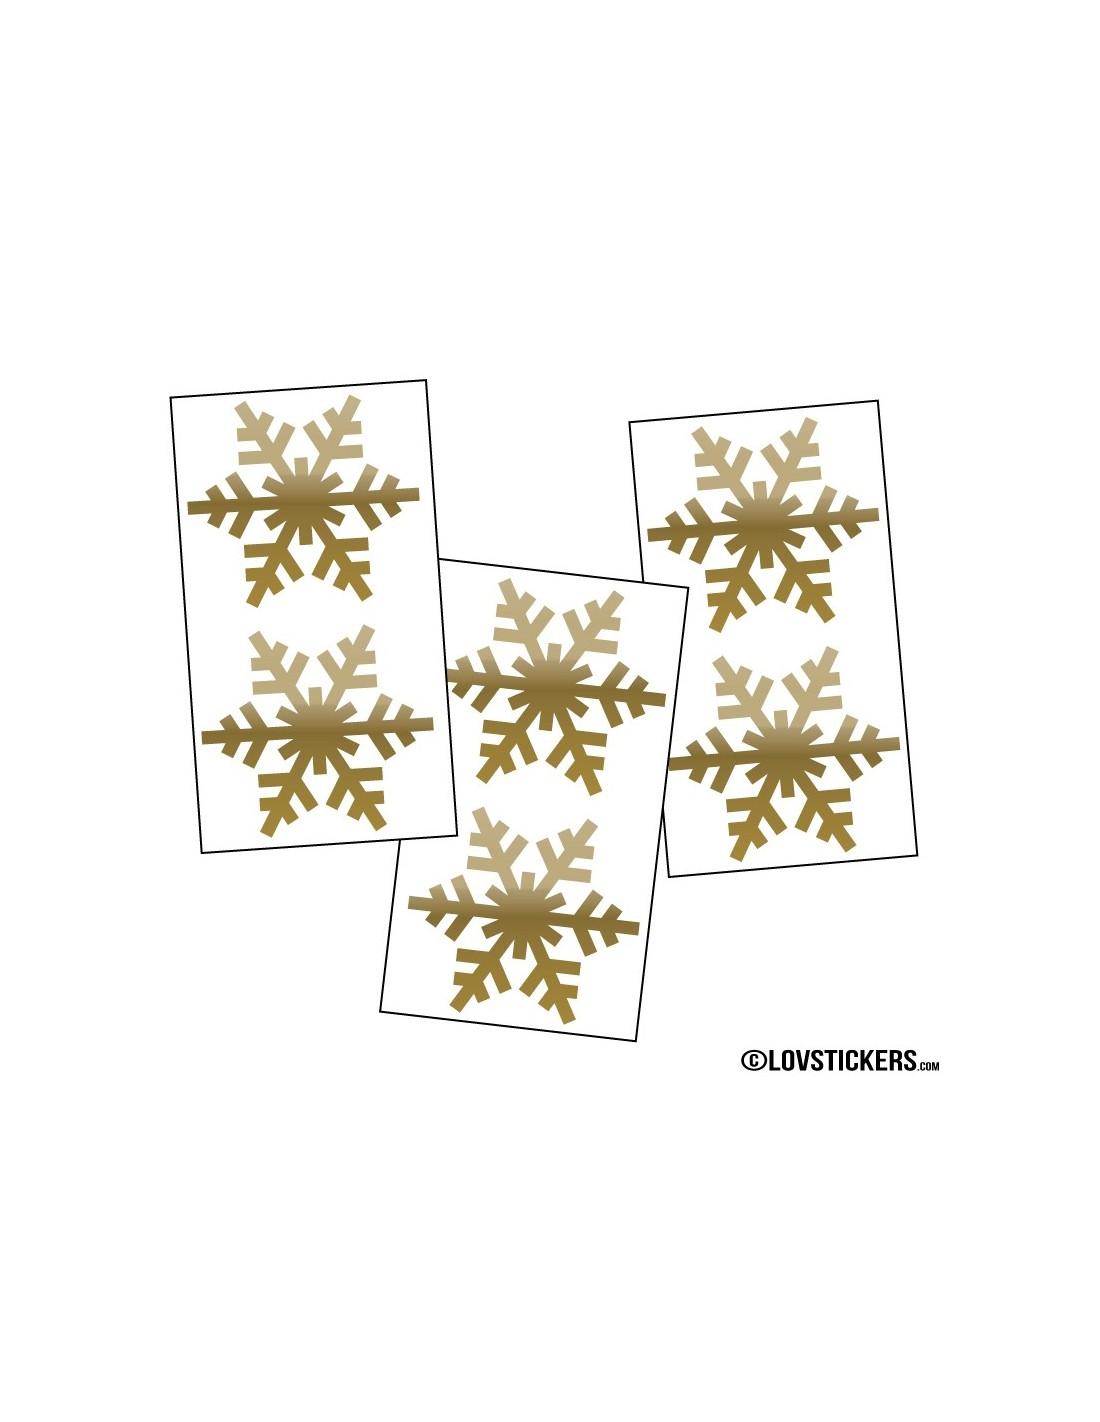 6 Sticker De Decoration Hiver 10cm Flocon De Neige